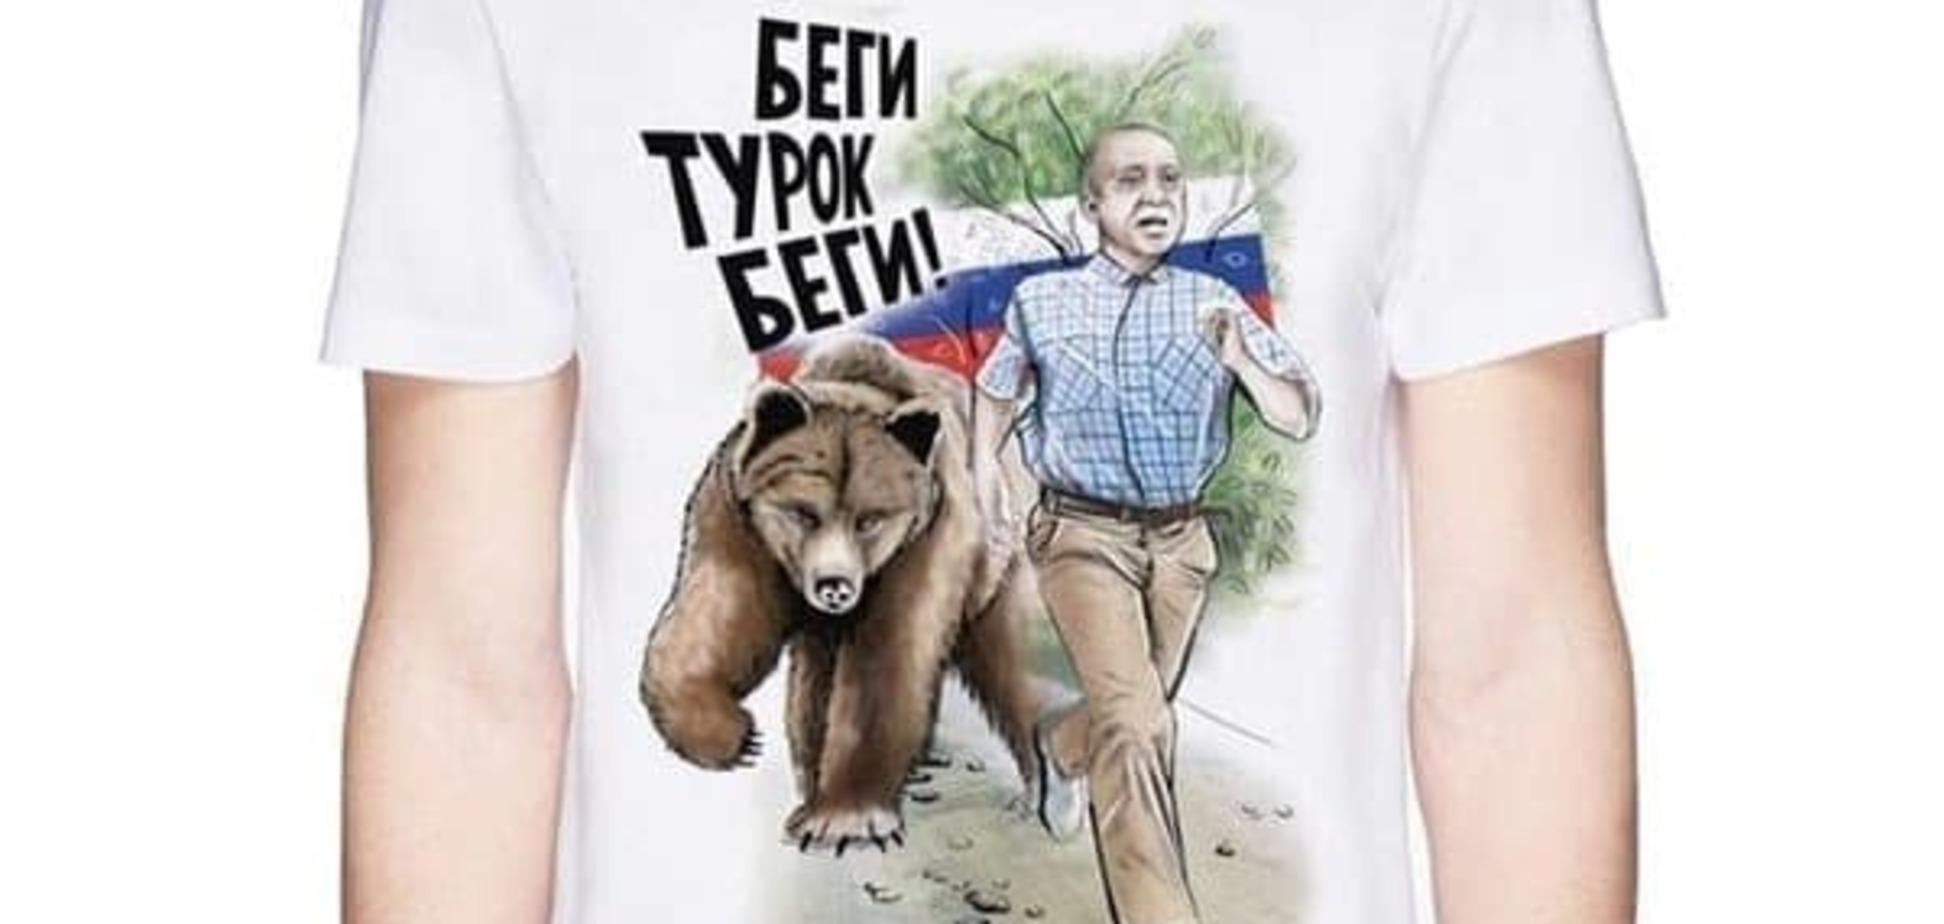 Дизайнер рассказала, как российские СМИ наврали про 'антитурецкие майки'